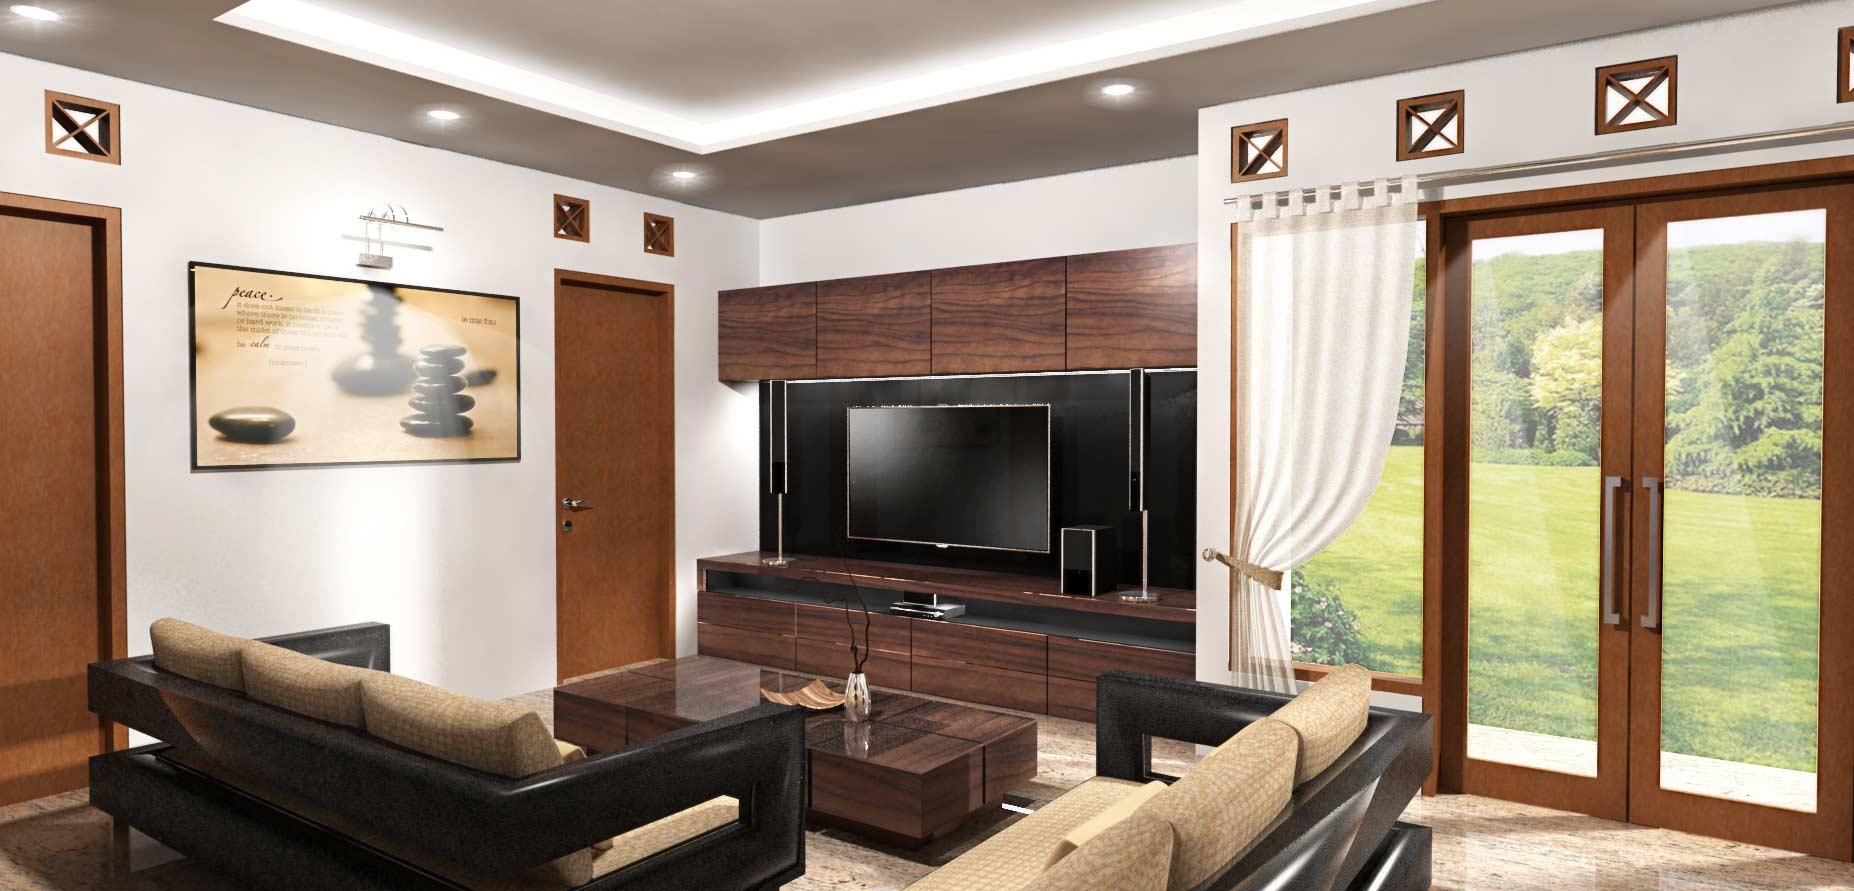 Taman-Melati-Living-Room